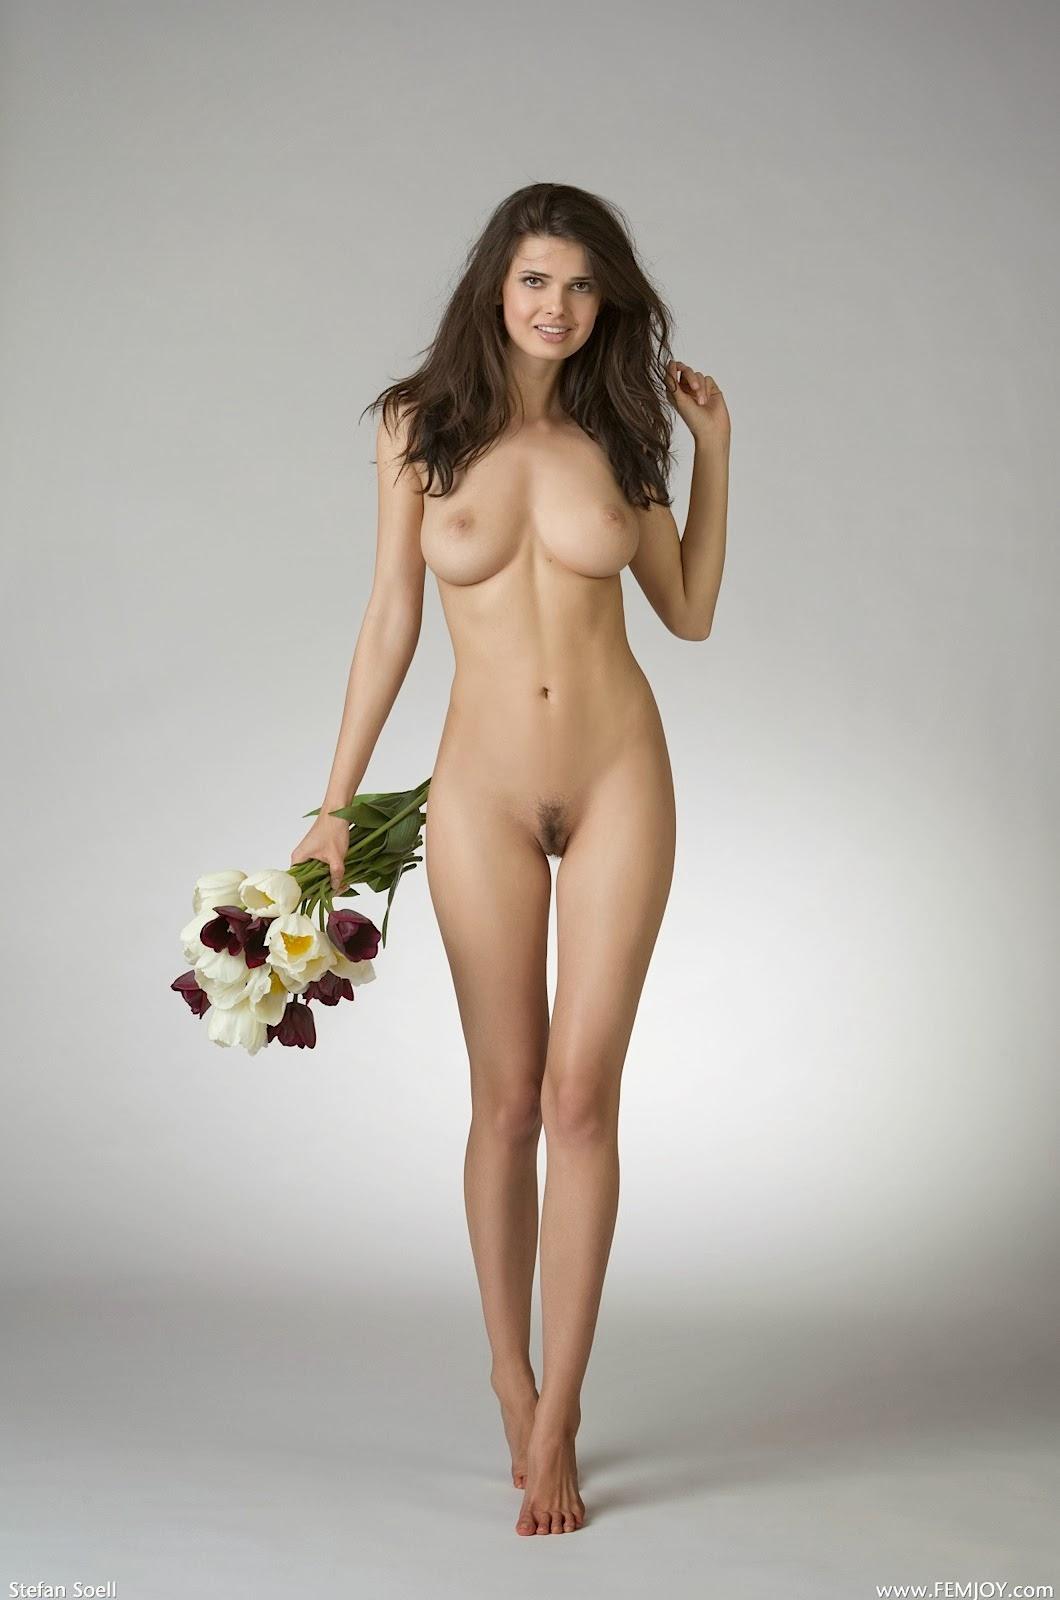 29 fotos de desnudos de la más hermosa chica latina